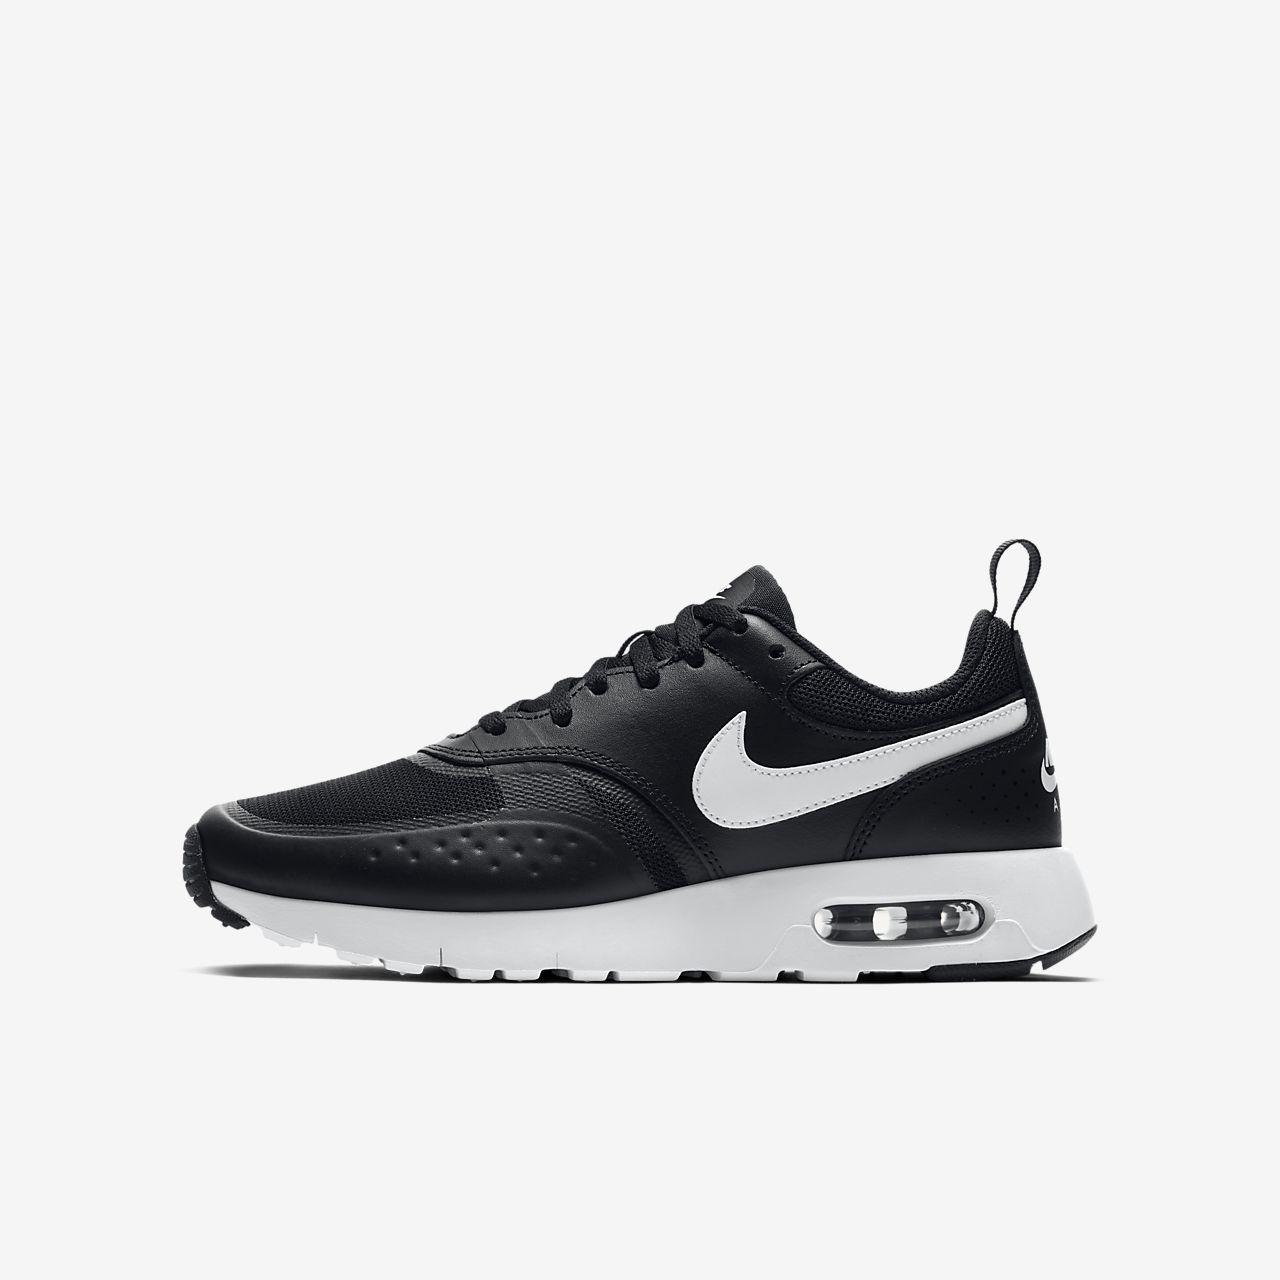 Nike Air Max Chaussures Vision Baskets Lo Blanc Noir Blanc Gris Noir rALg6rN